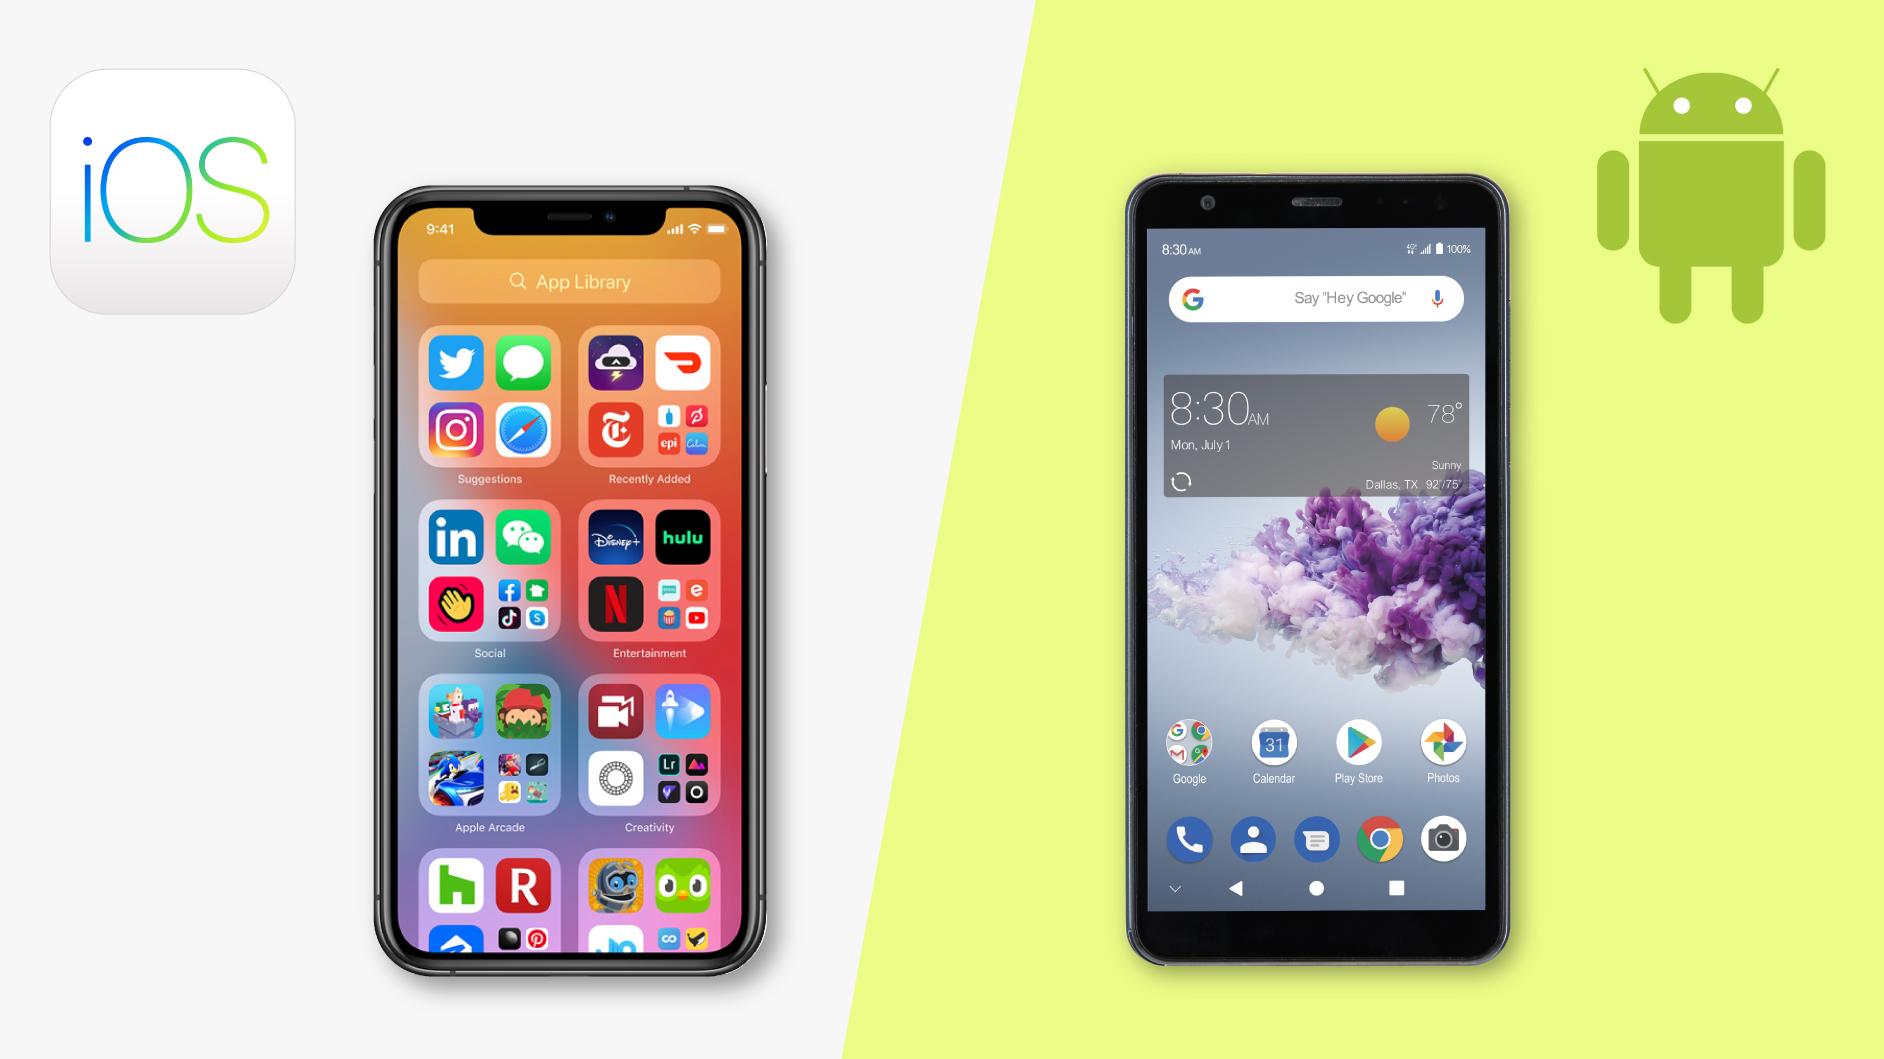 Android app design vs iOS app design